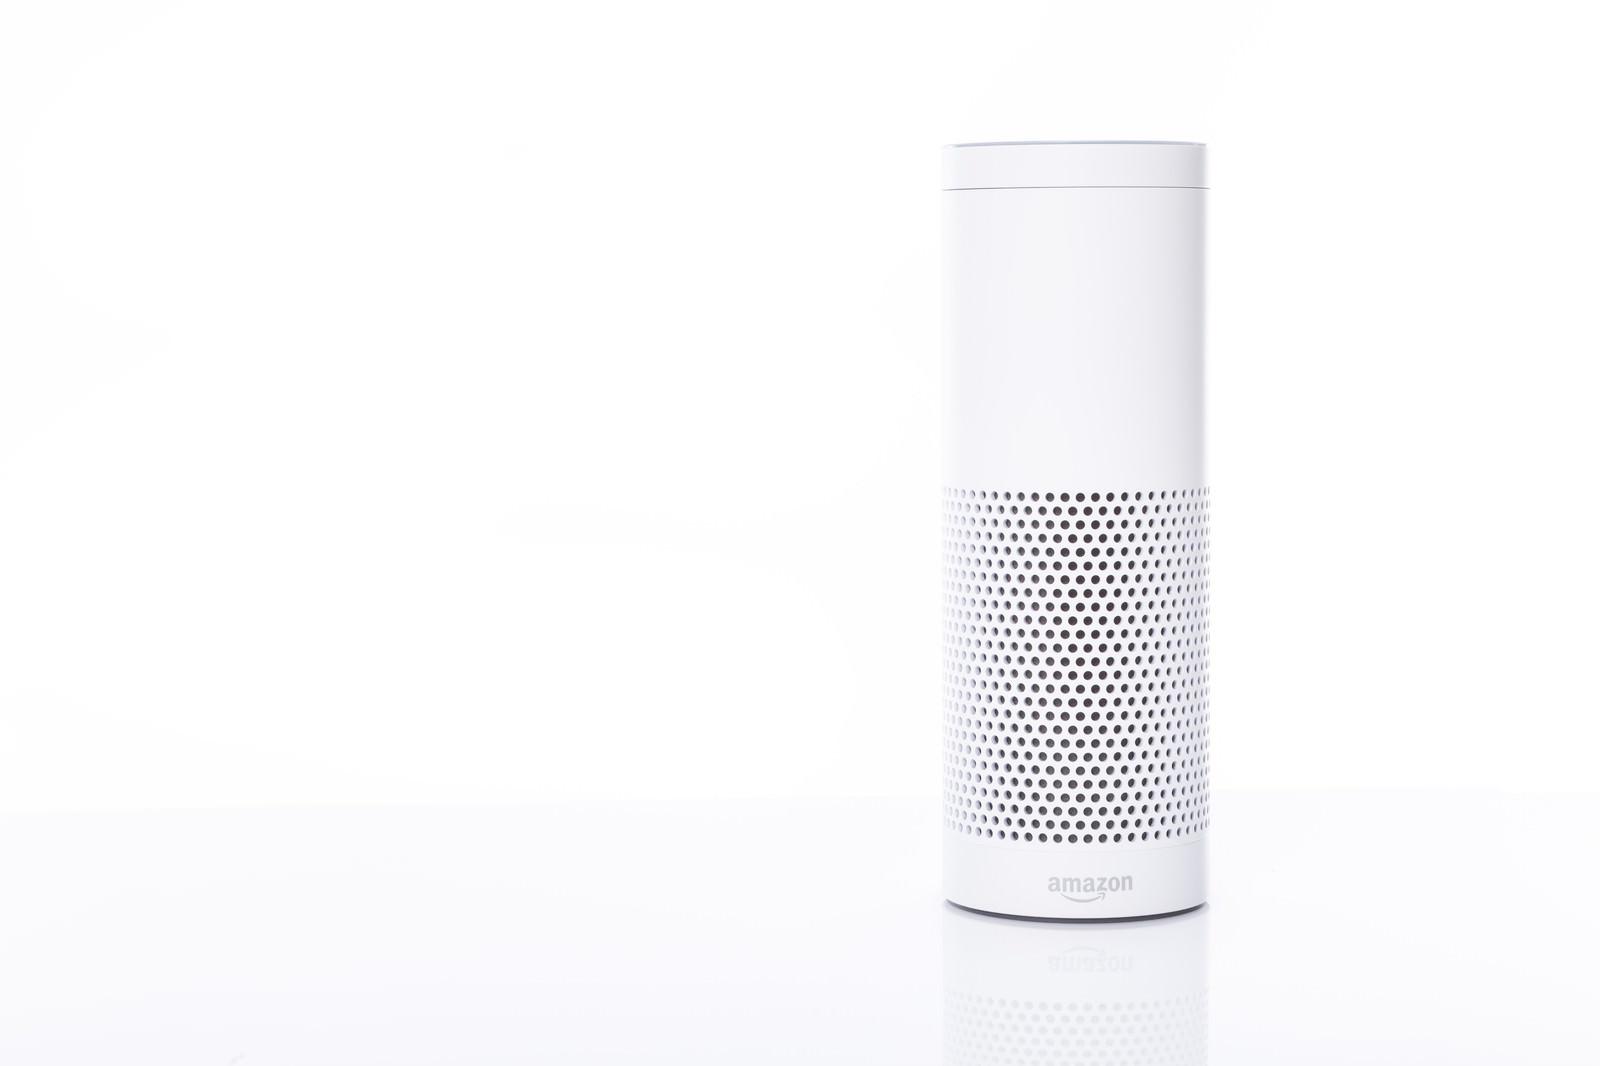 「音声アシストが可能なスマートスピーカー(Amazon Echo)」の写真